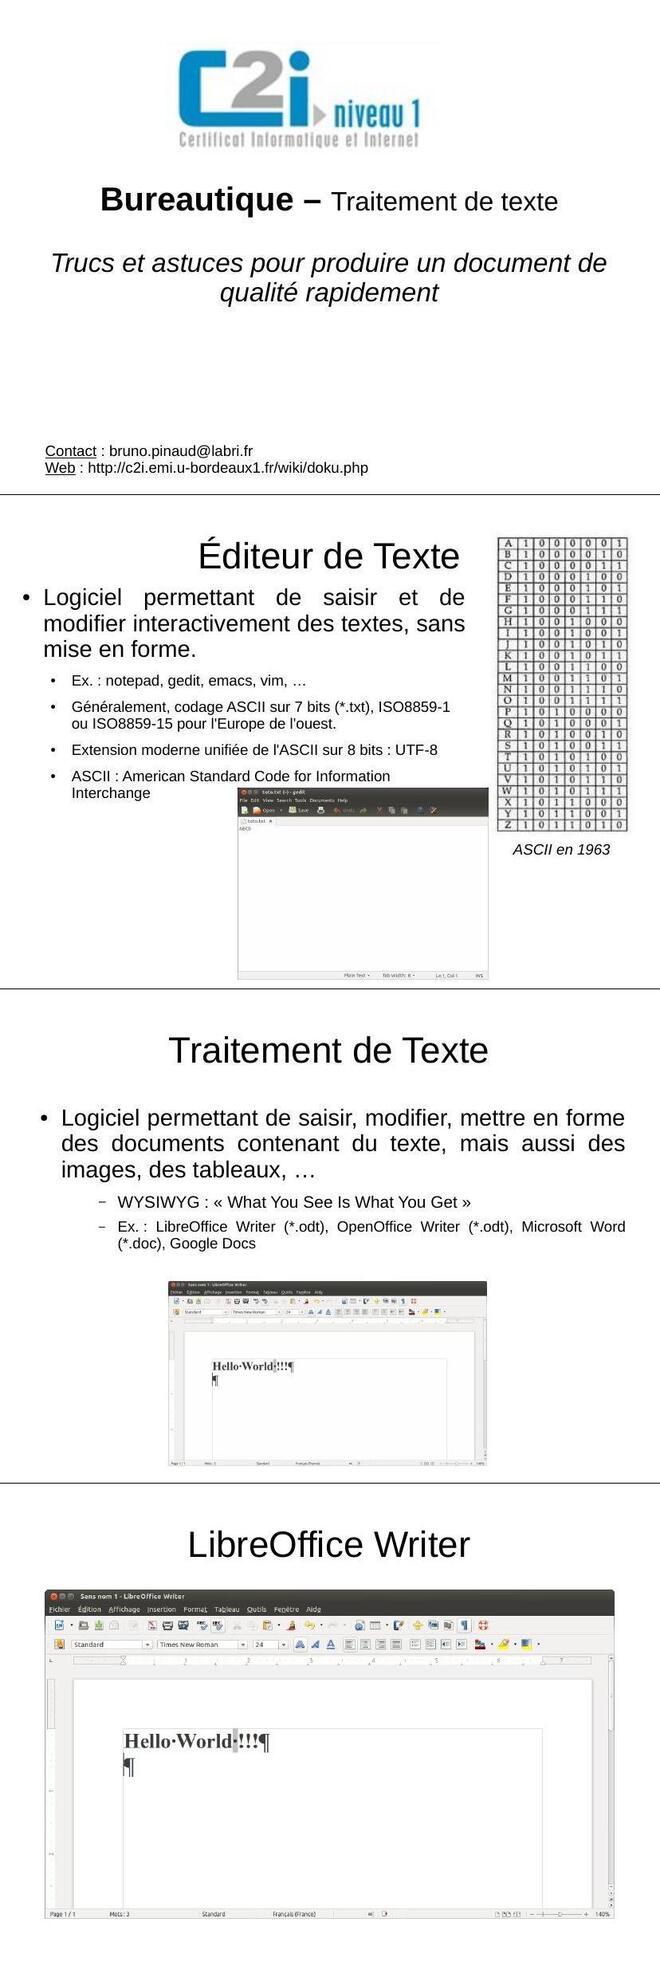 Traitement De Texte Pdf : traitement, texte, Cours, Complet, Secretariat, Bureautique, Traitement, Texte